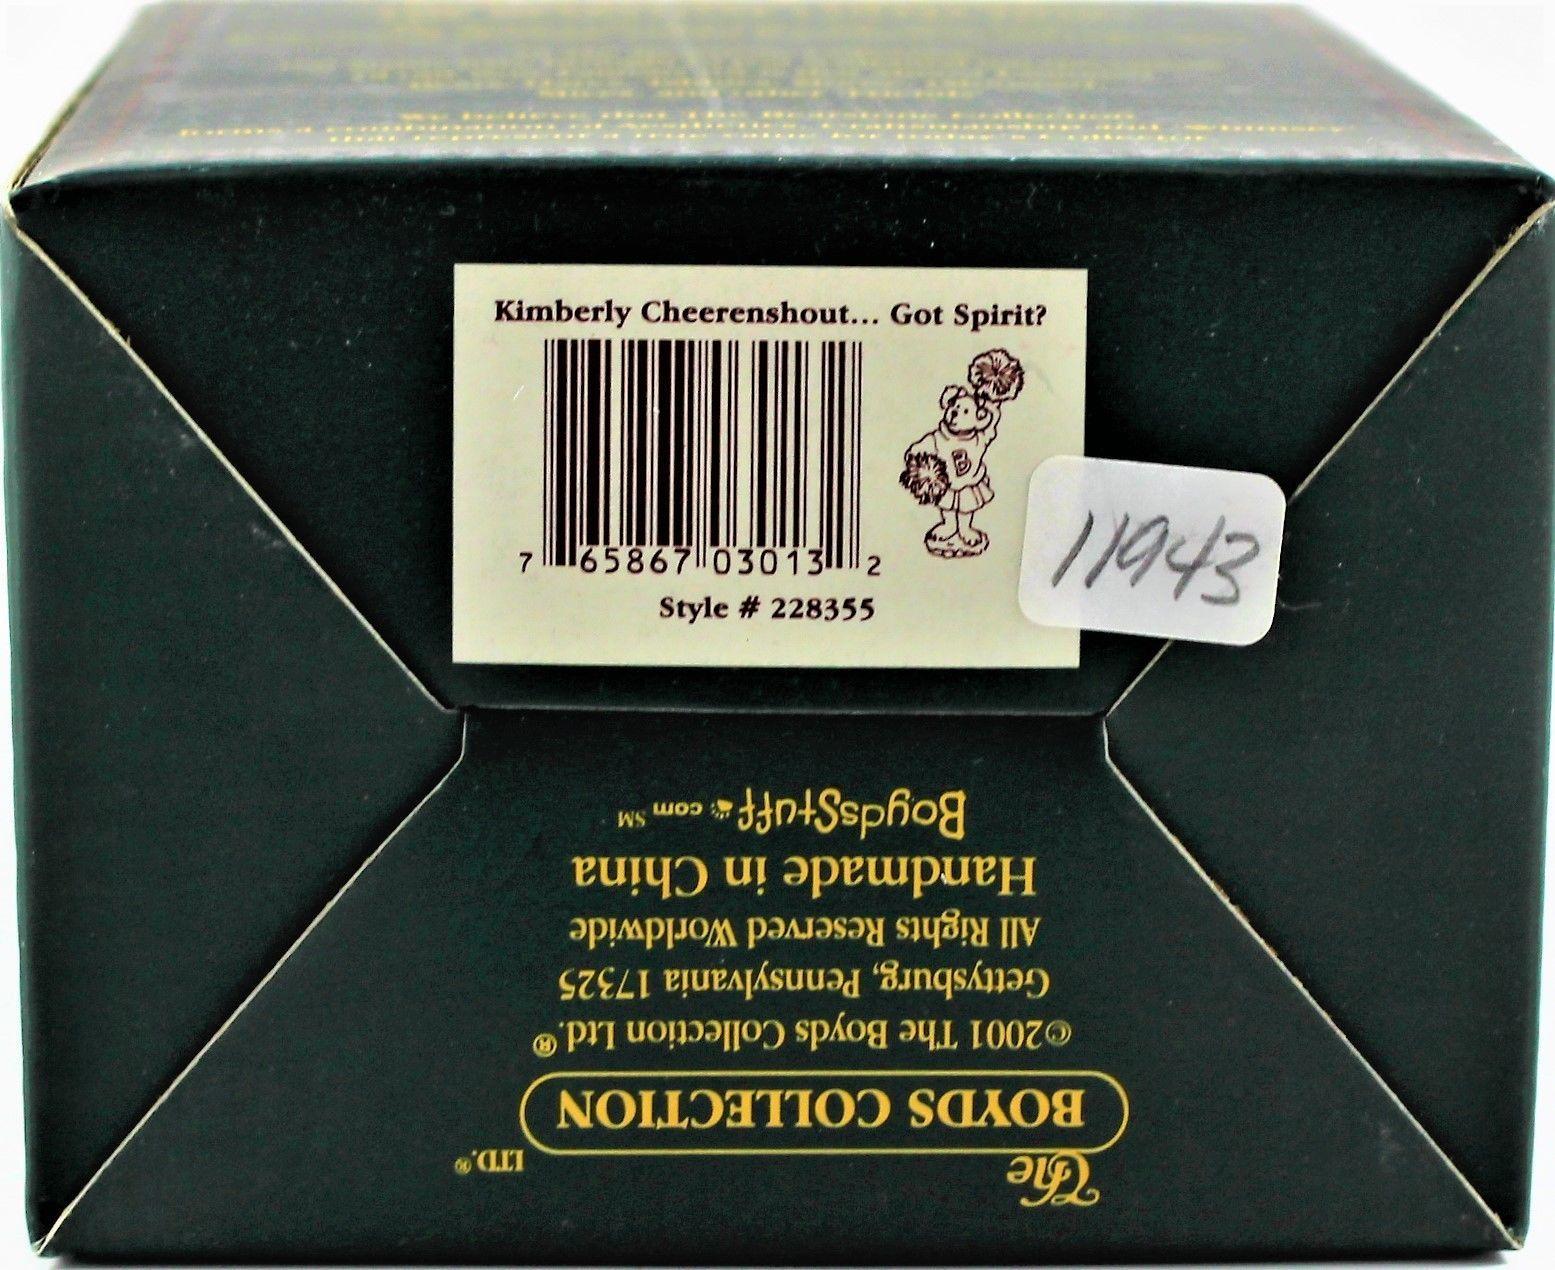 Boyds Bears Kimberly Cheerenshout Got Spirit!  #228355 Mint In Box